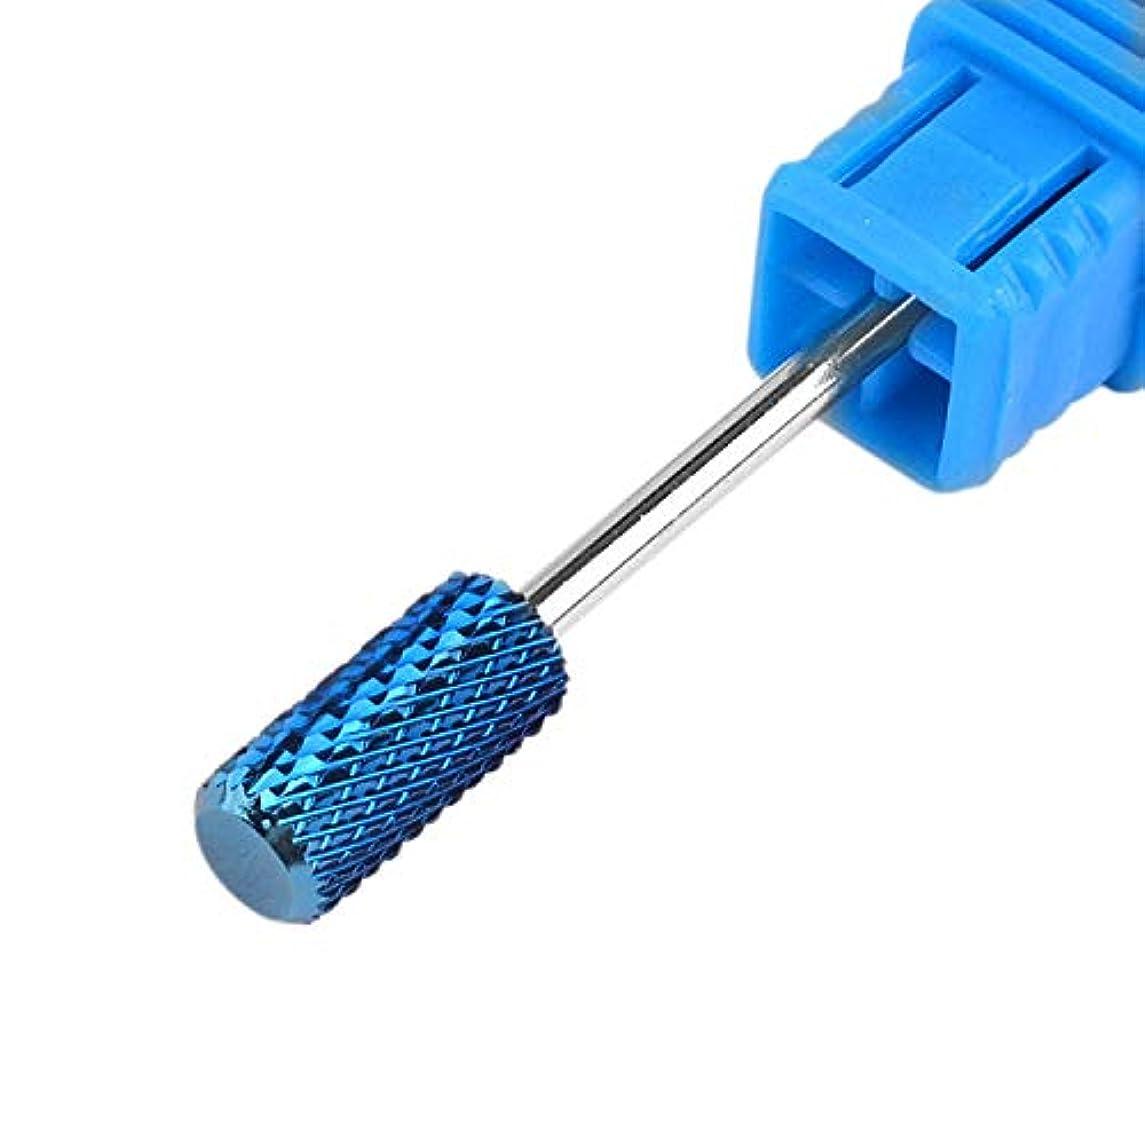 招待刻む統治するCUHAWUDBA Co8 タングステン鋼 ネイル用 メッキ タングステン鋼の研削ヘッド シングル-タイプ 電動ネイル用研削盤のツール